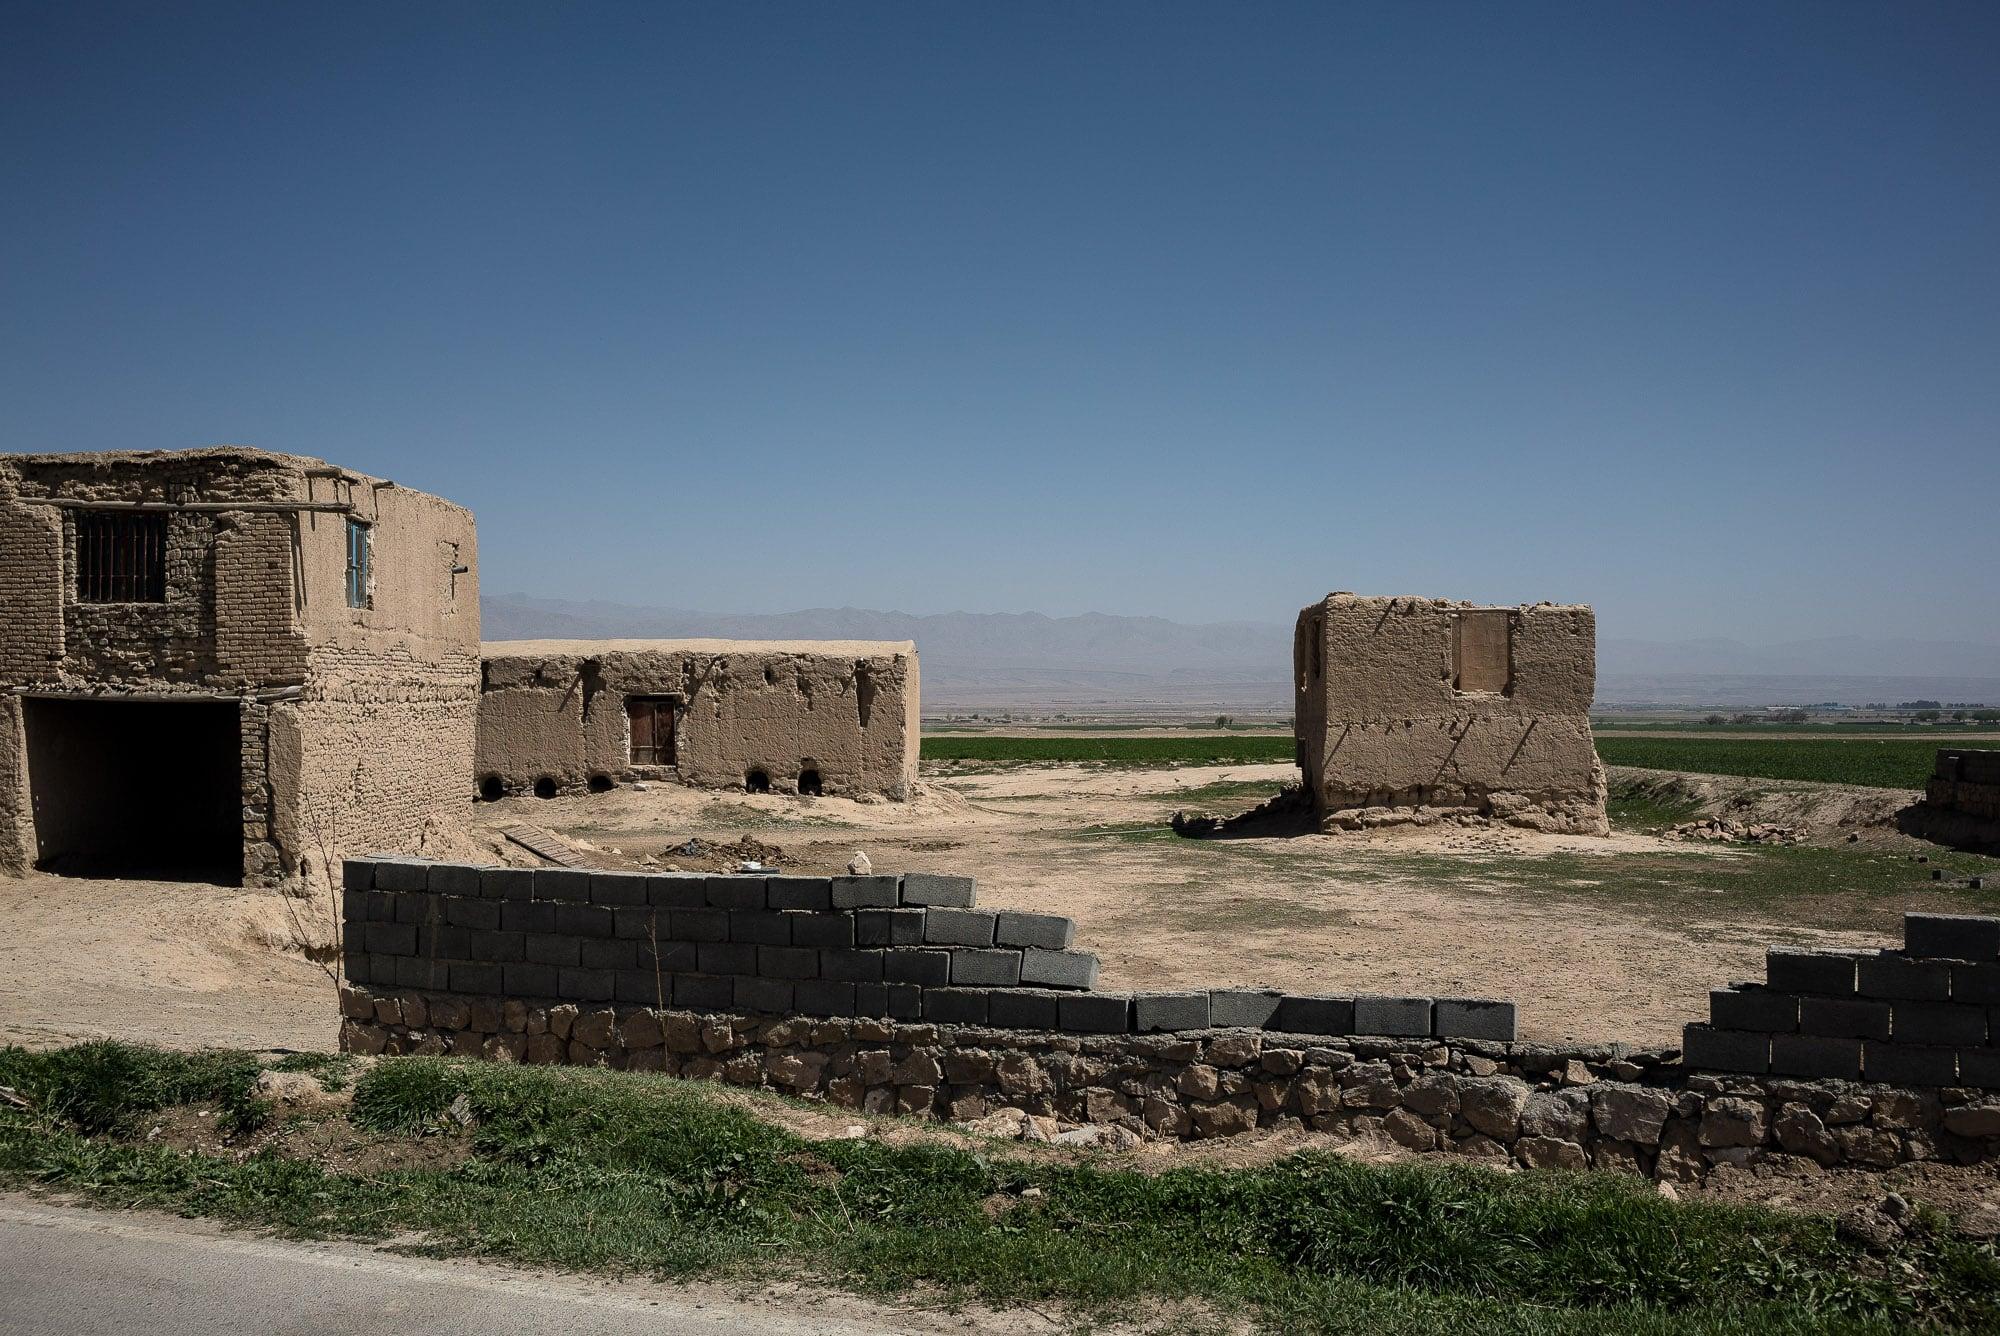 ancient ruins?